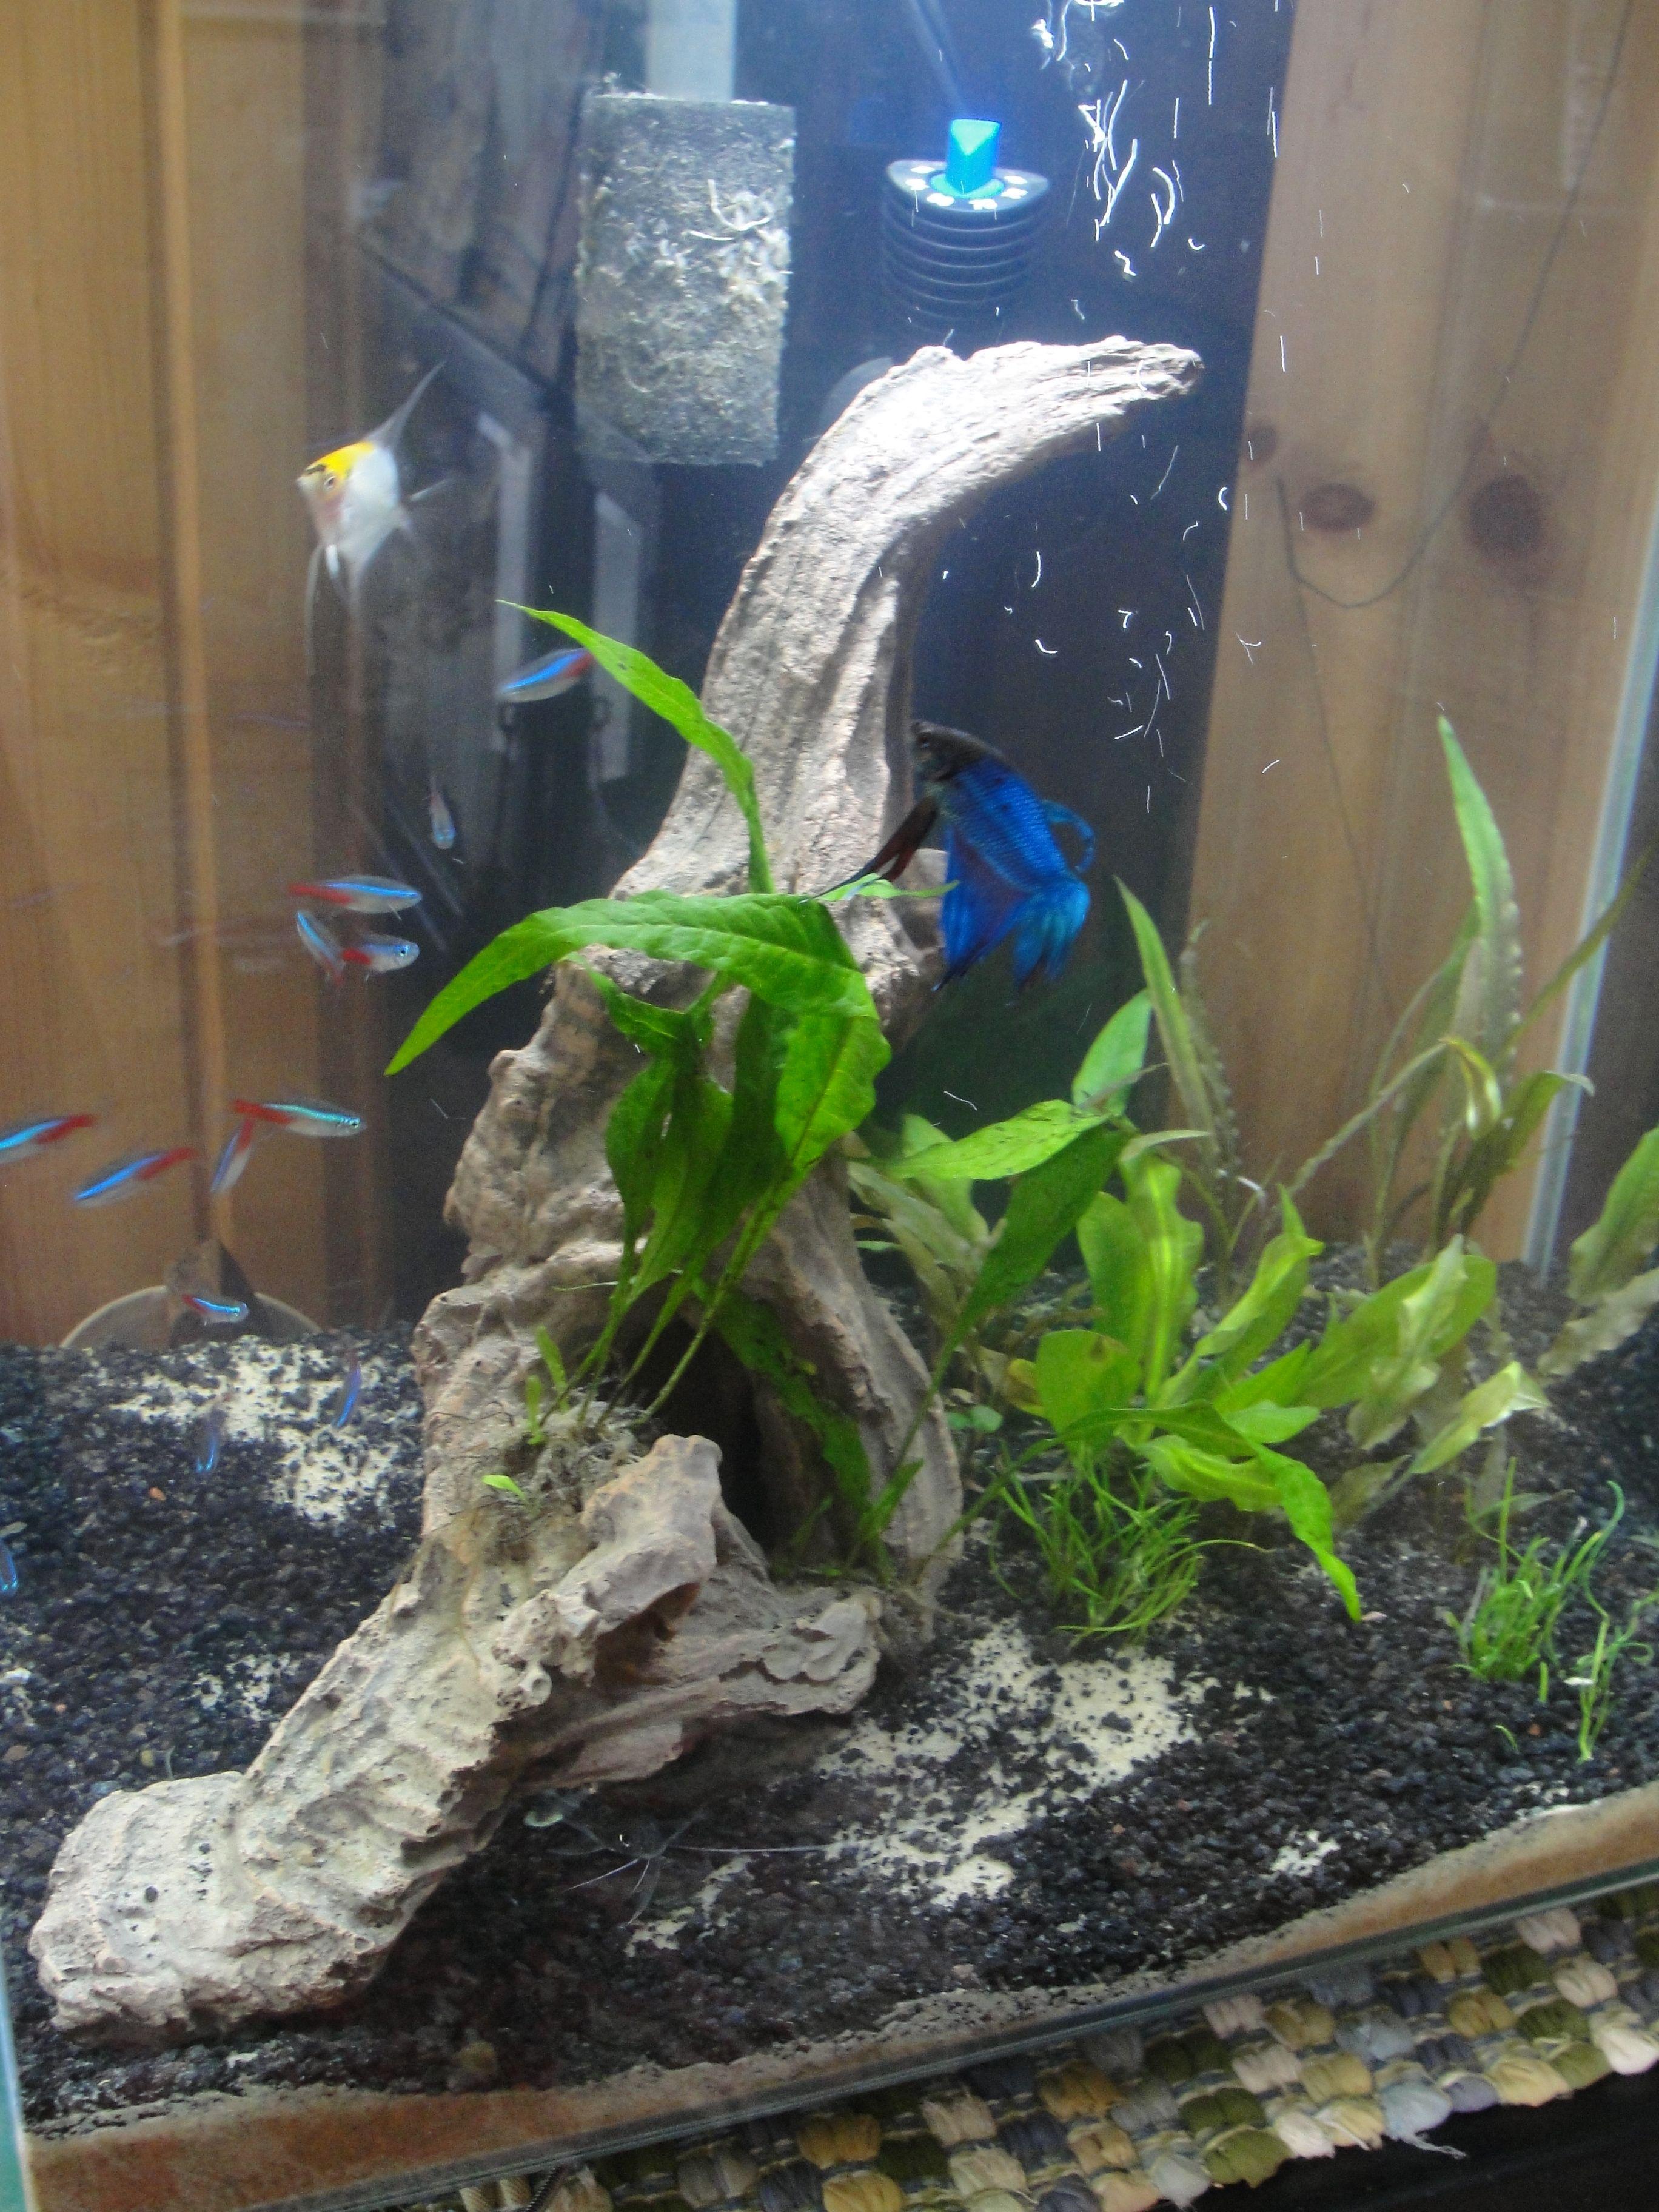 My first aquarium a glass Fluval Edge 12 gallon